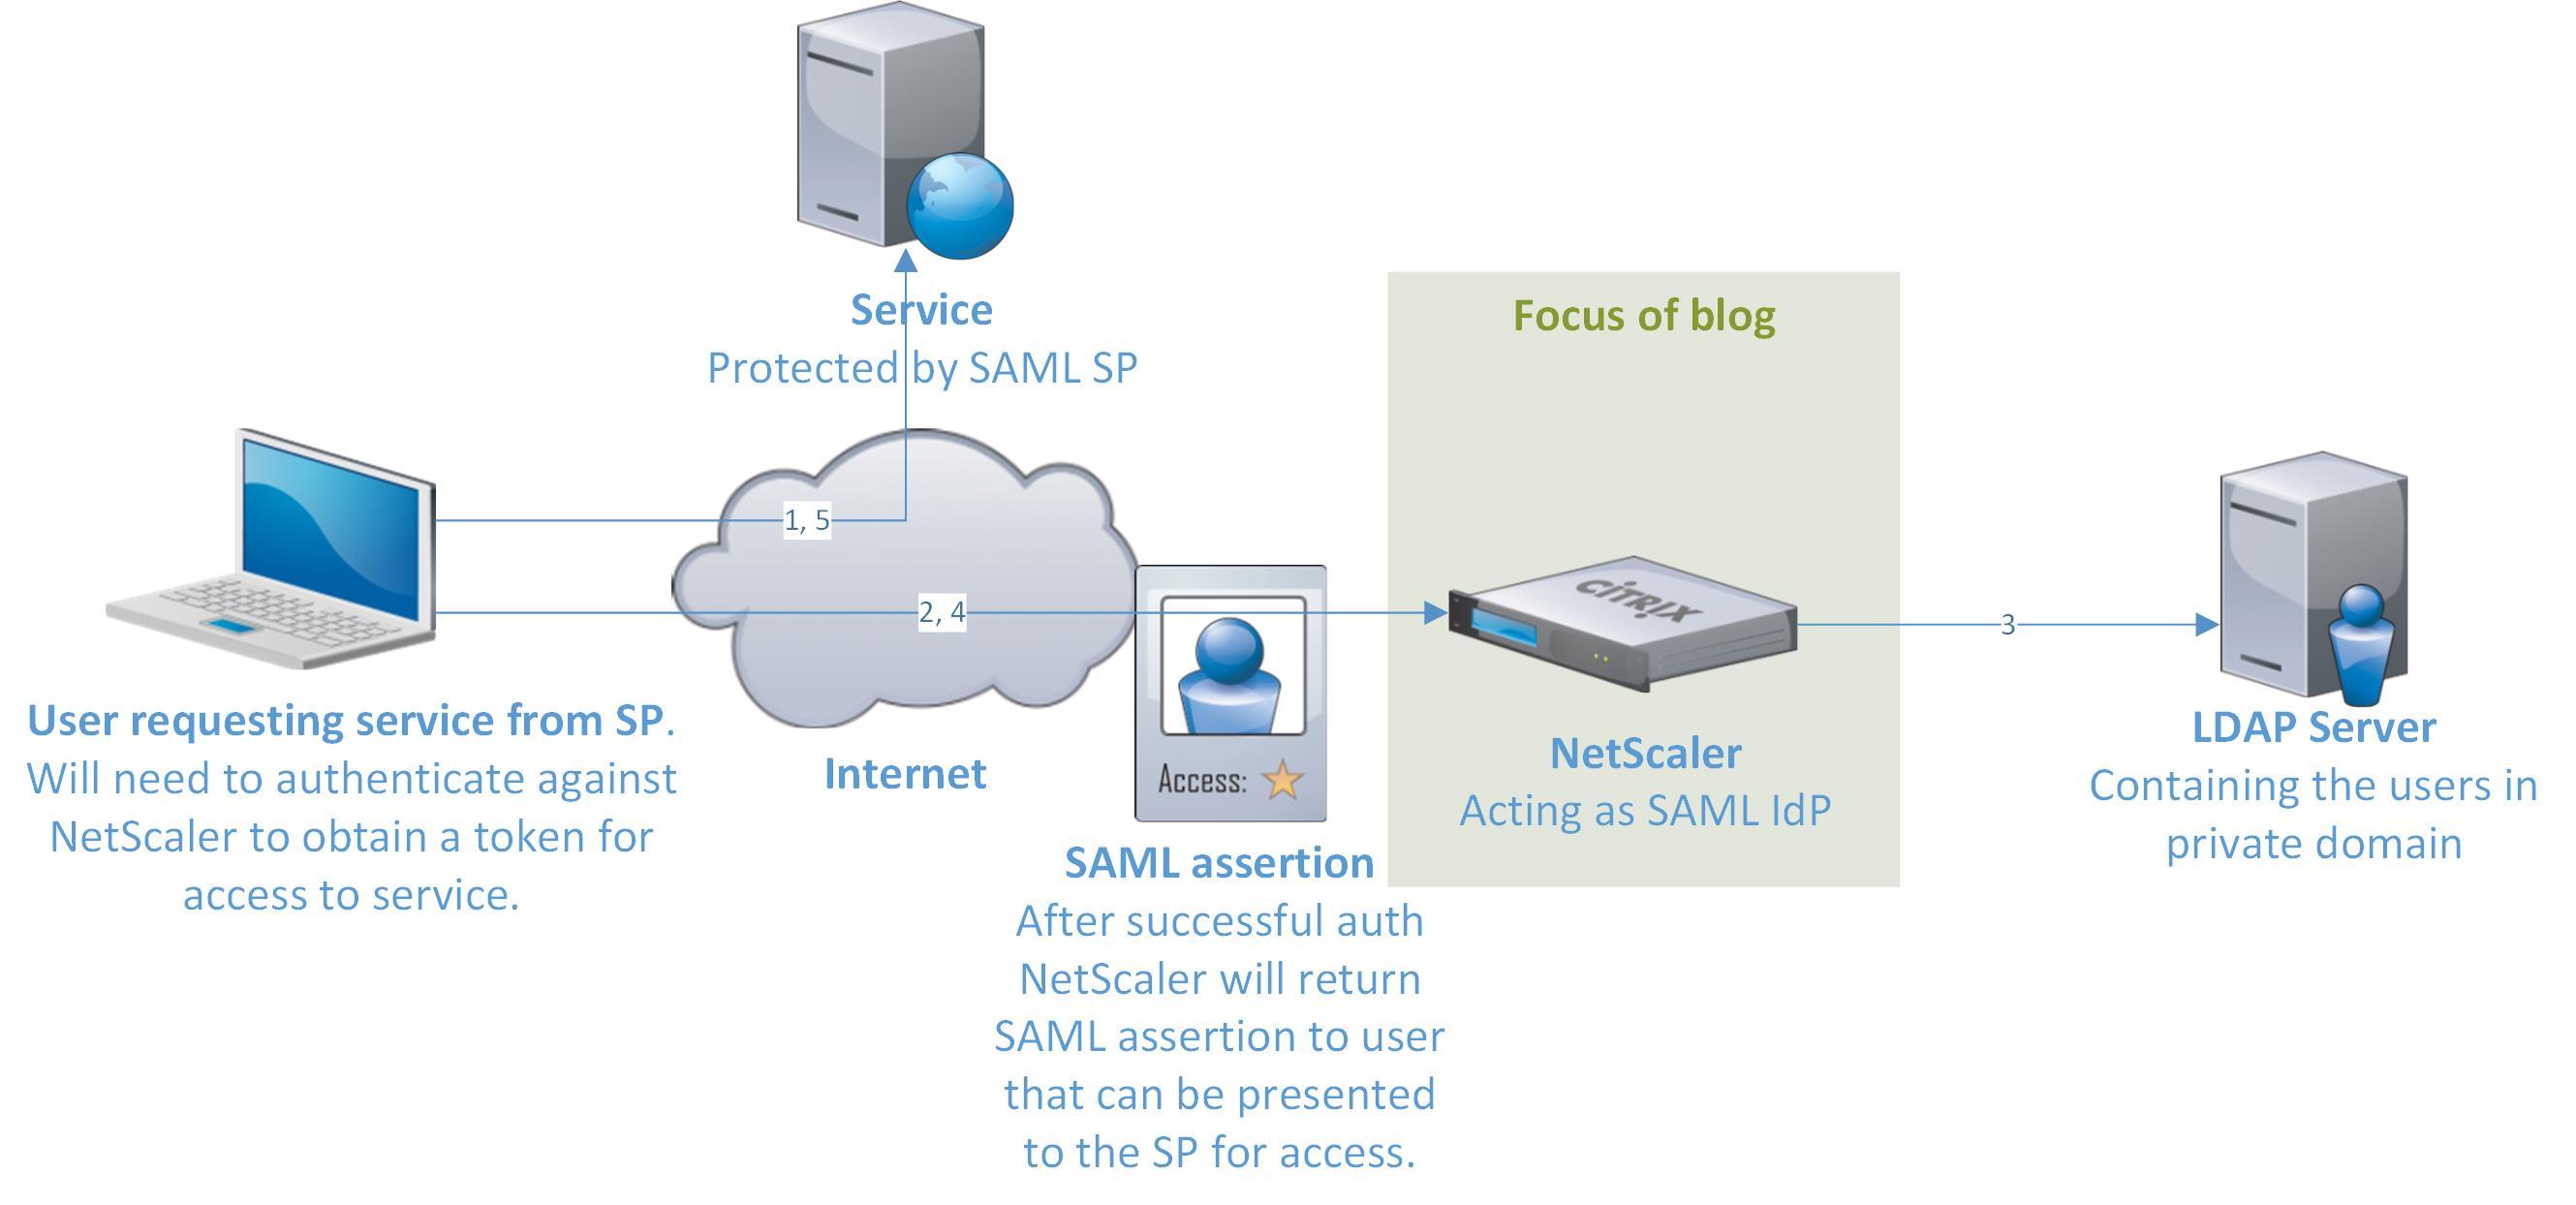 How To: NetScaler 10 5 as SAML Identity Provider